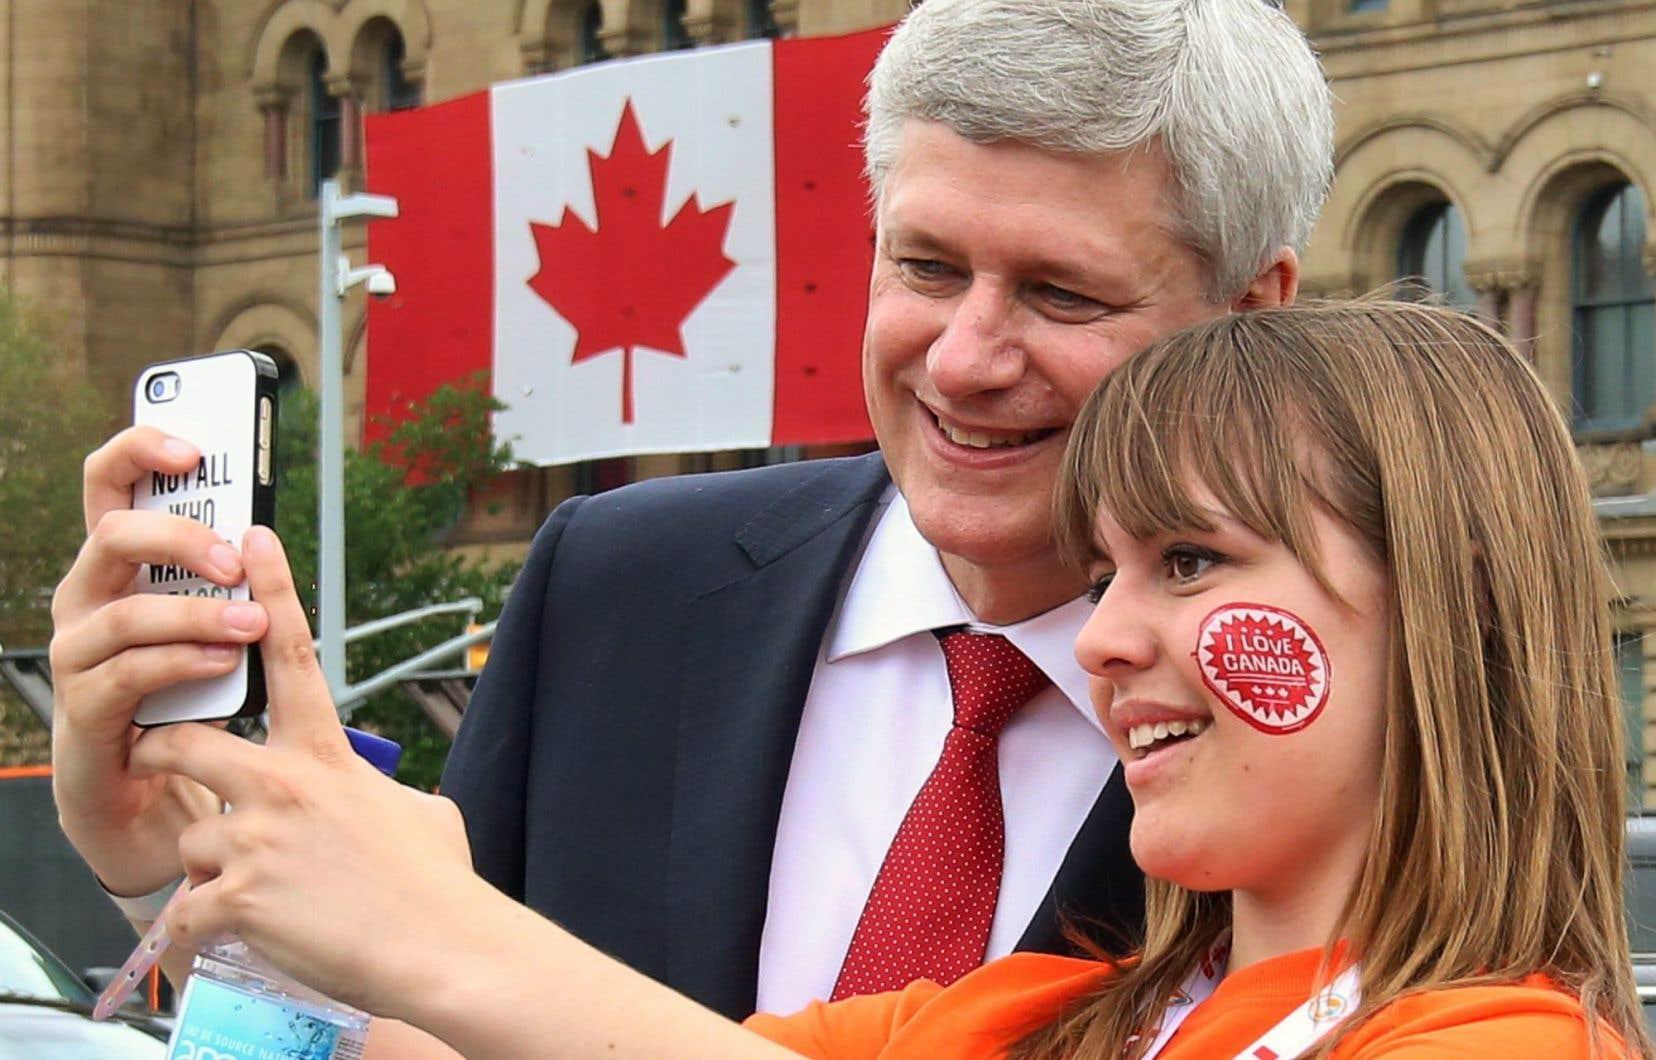 Le premier ministre Stephen Harper s'est prêté au jeu de l'égoportrait avec des citoyens.